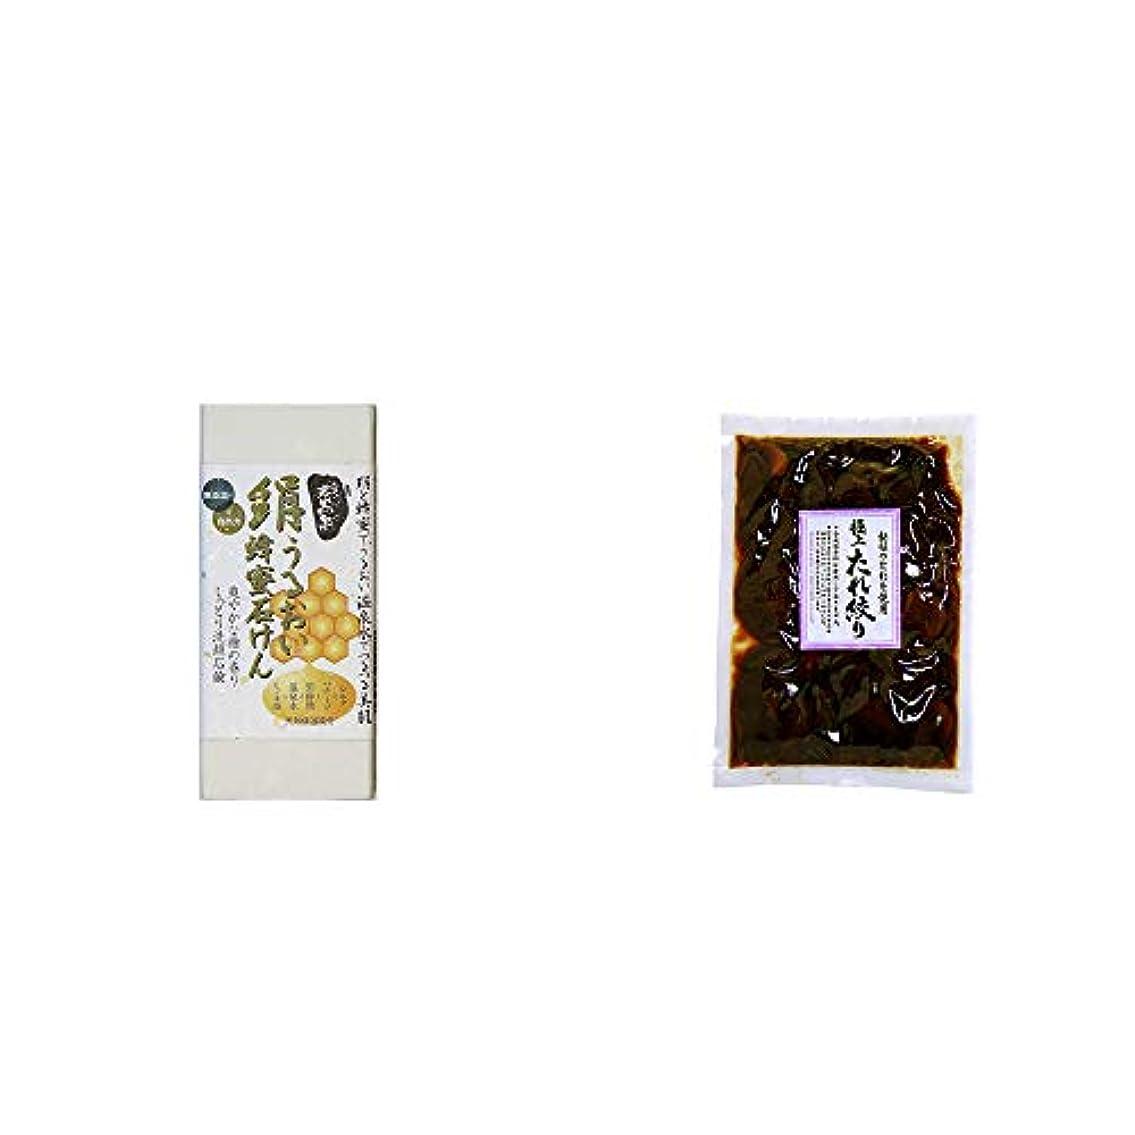 区別する近所のカート[2点セット] ひのき炭黒泉 絹うるおい蜂蜜石けん(75g×2)?国産 極上たれ絞り(250g)